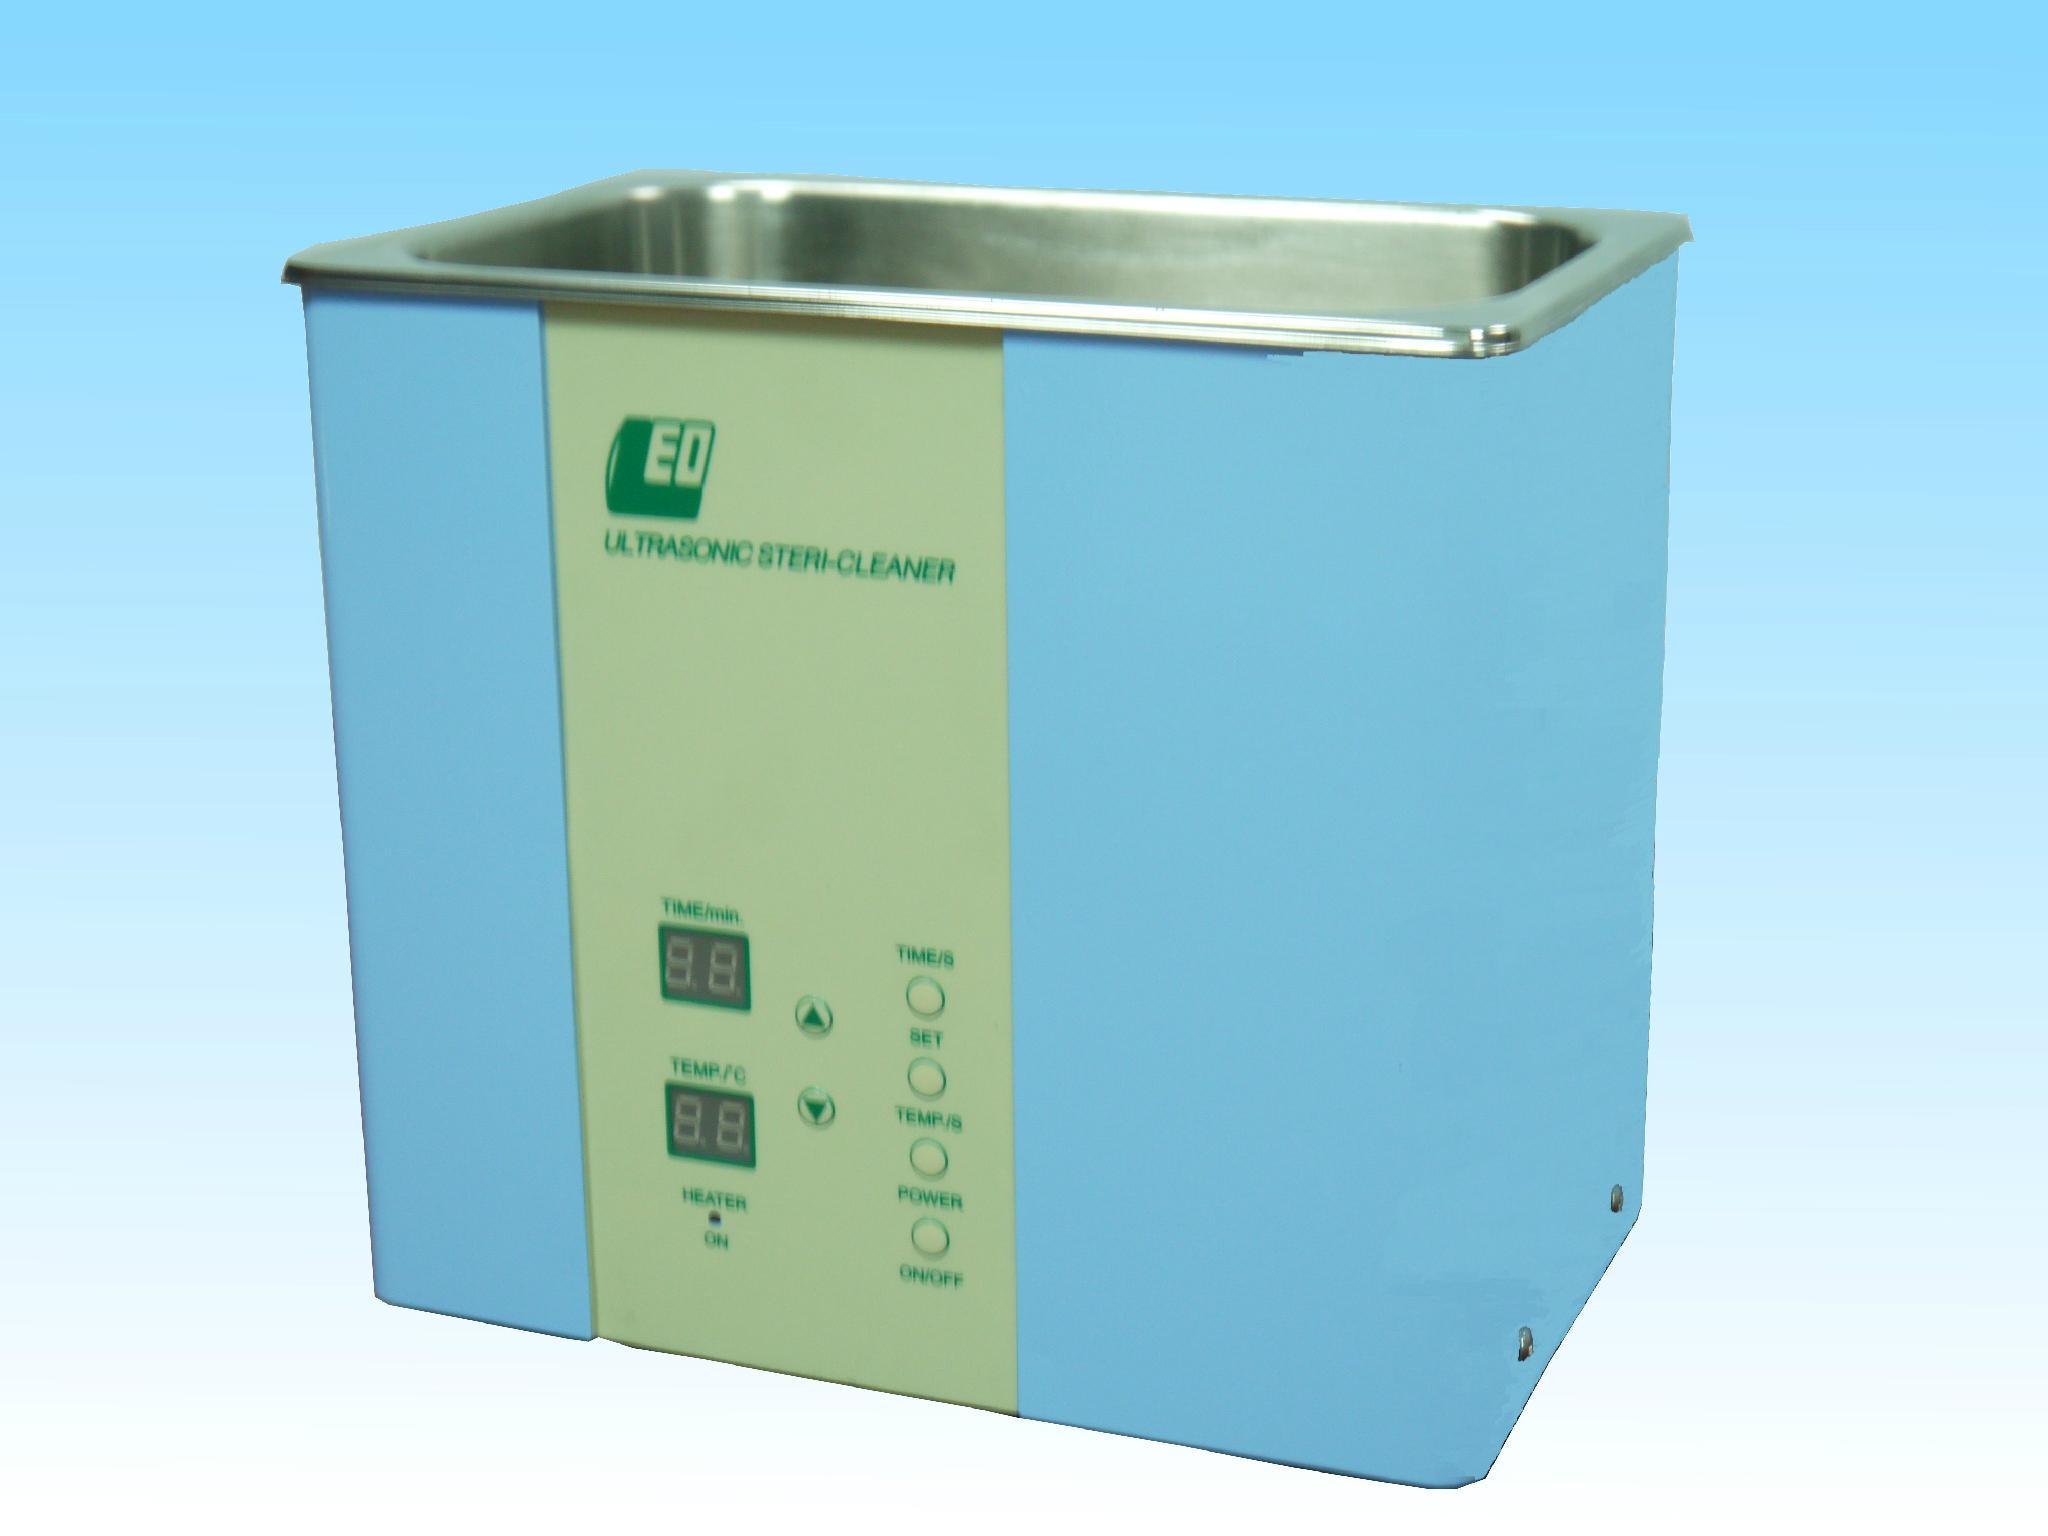 1002系列-高质量实验室及医疗器具专用超音波清洗机特价 1